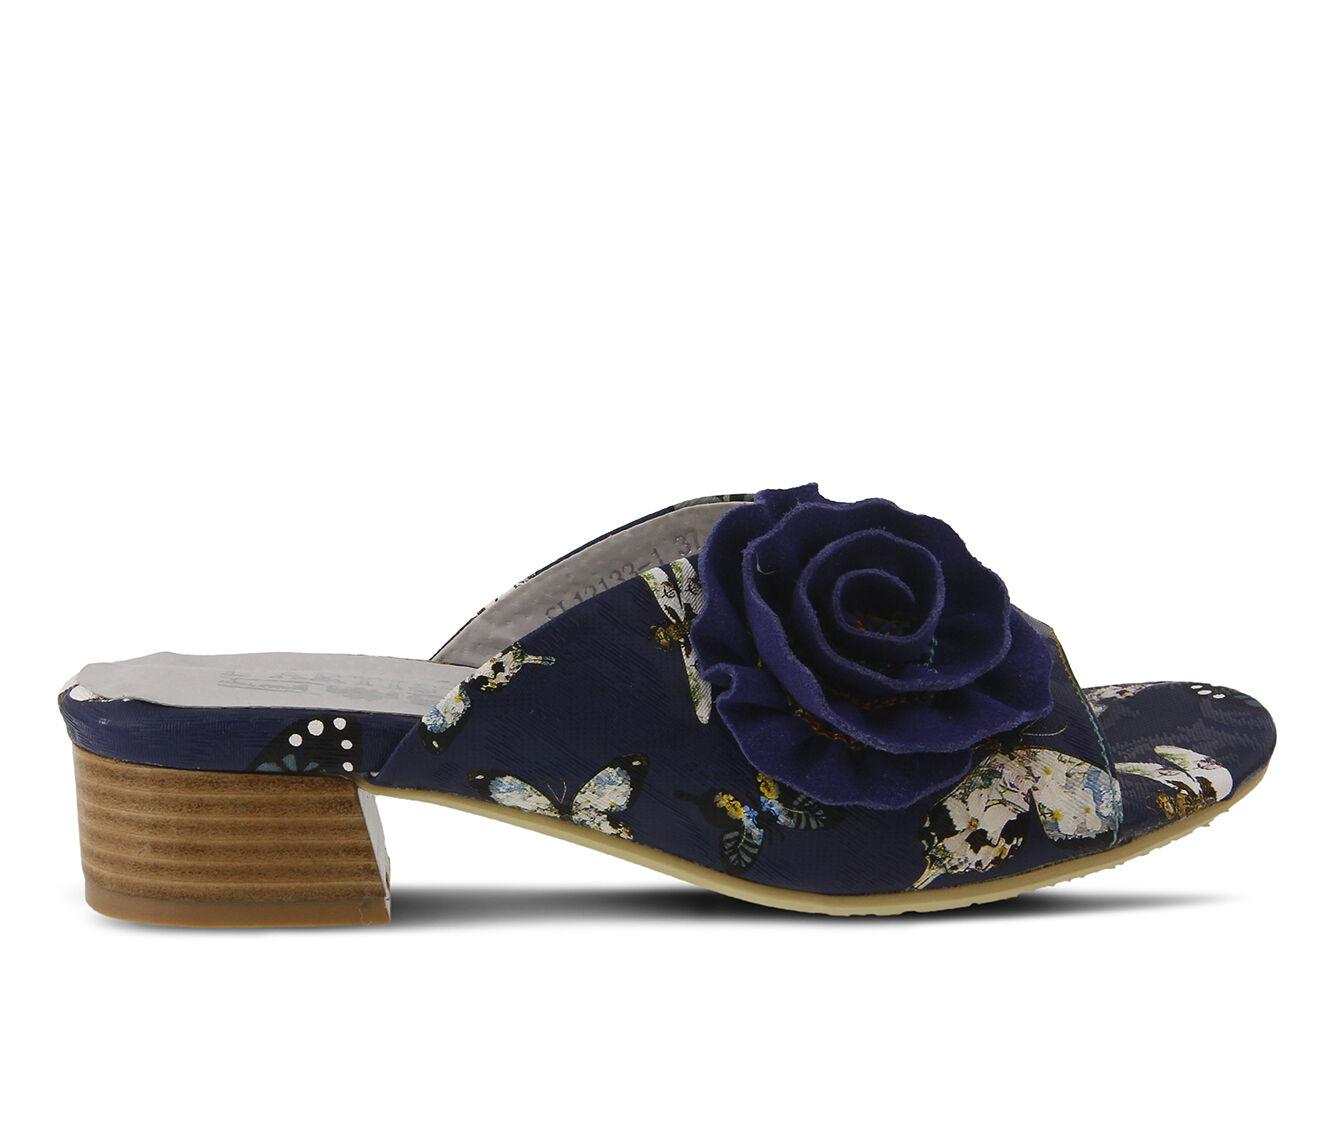 Women's L'ARTISTE Isittora Sandals Navy Multi